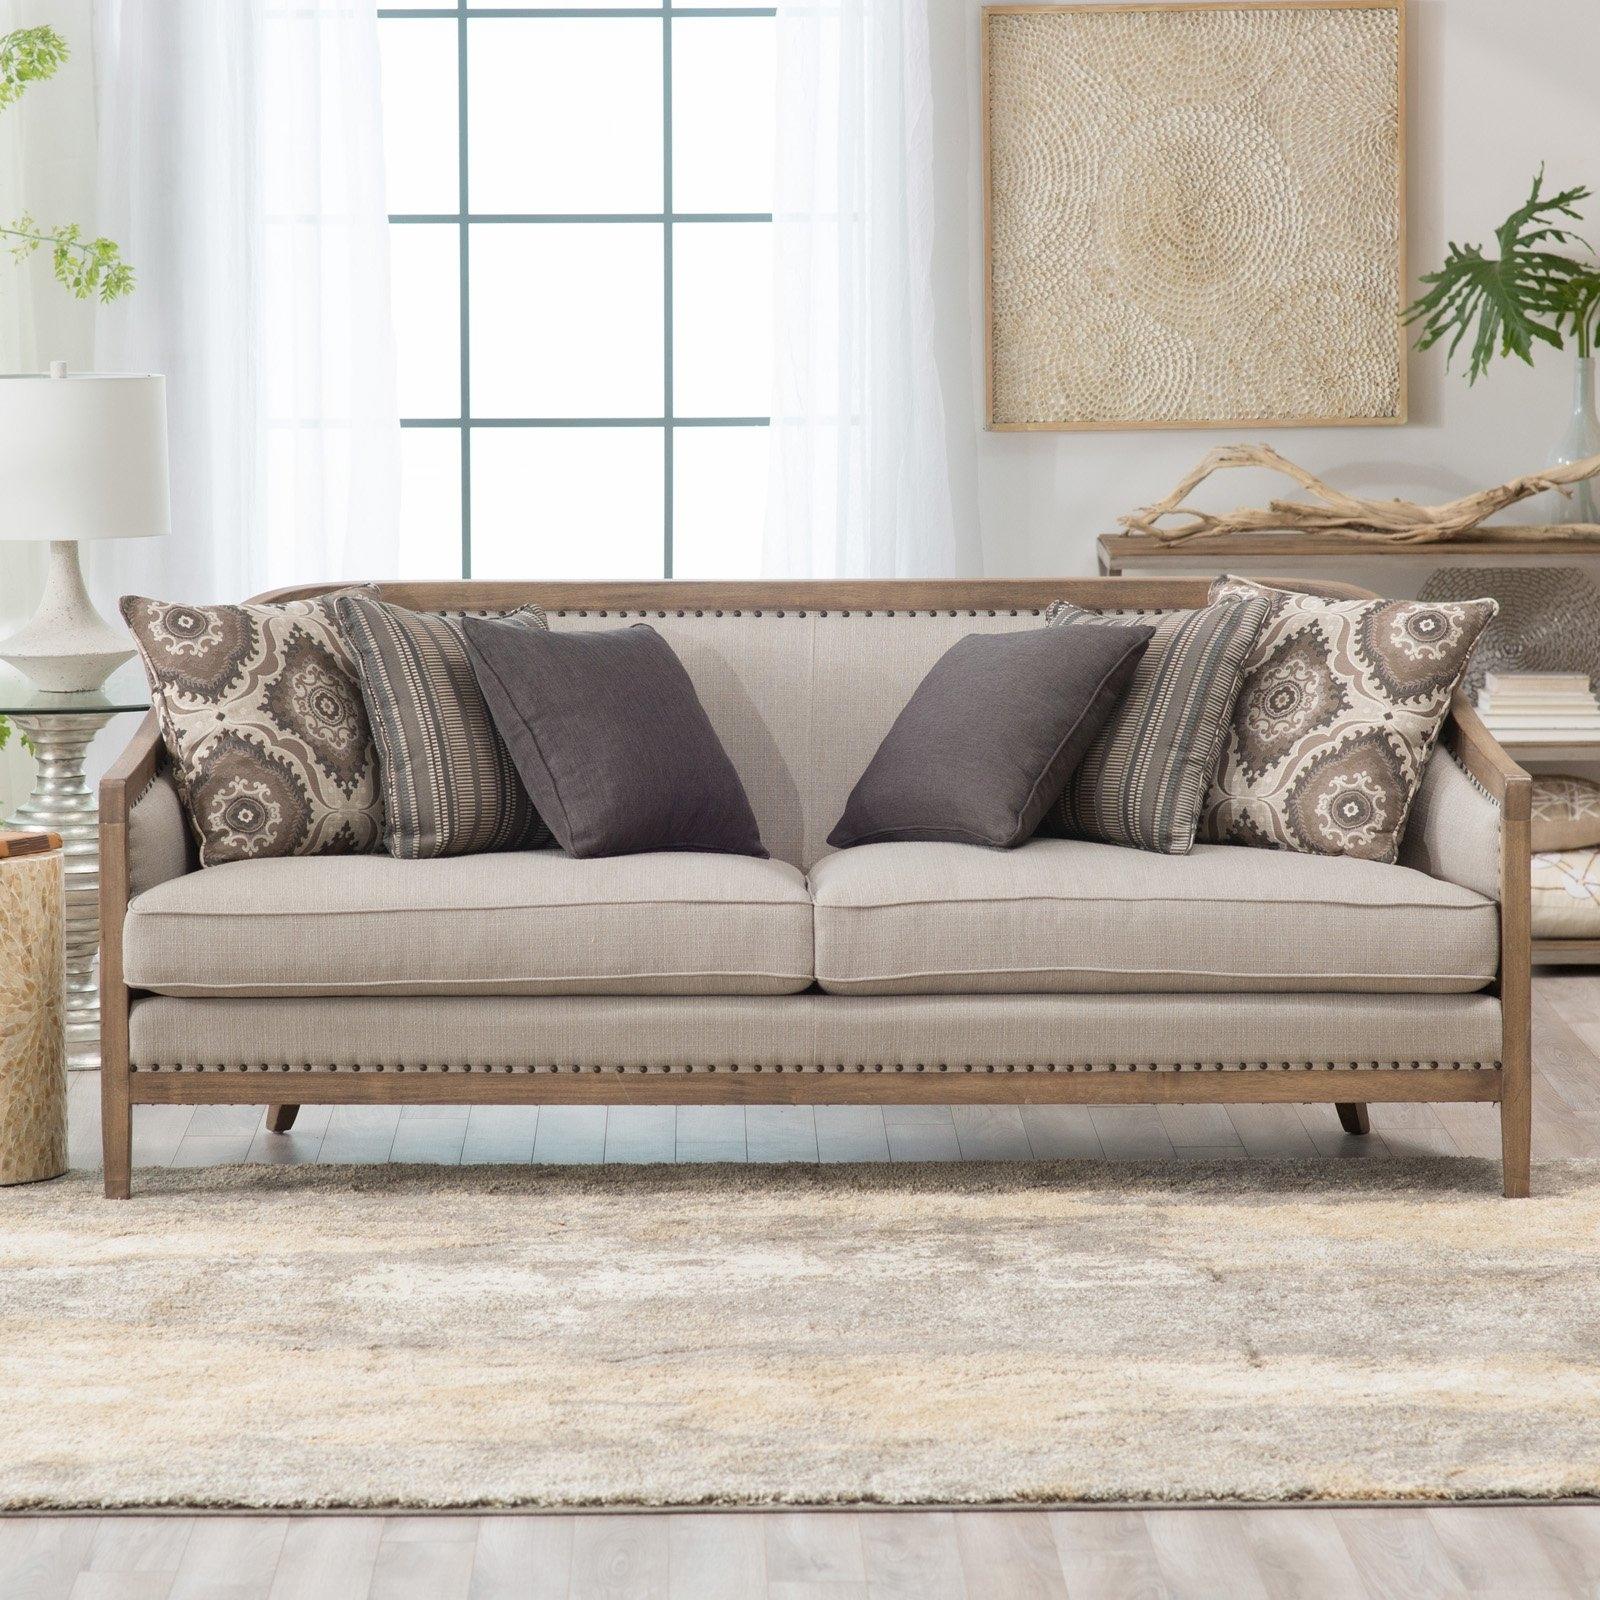 Belham Living Harper Sofa | Hayneedle In Harper Down 3 Piece Sectionals (Image 6 of 25)